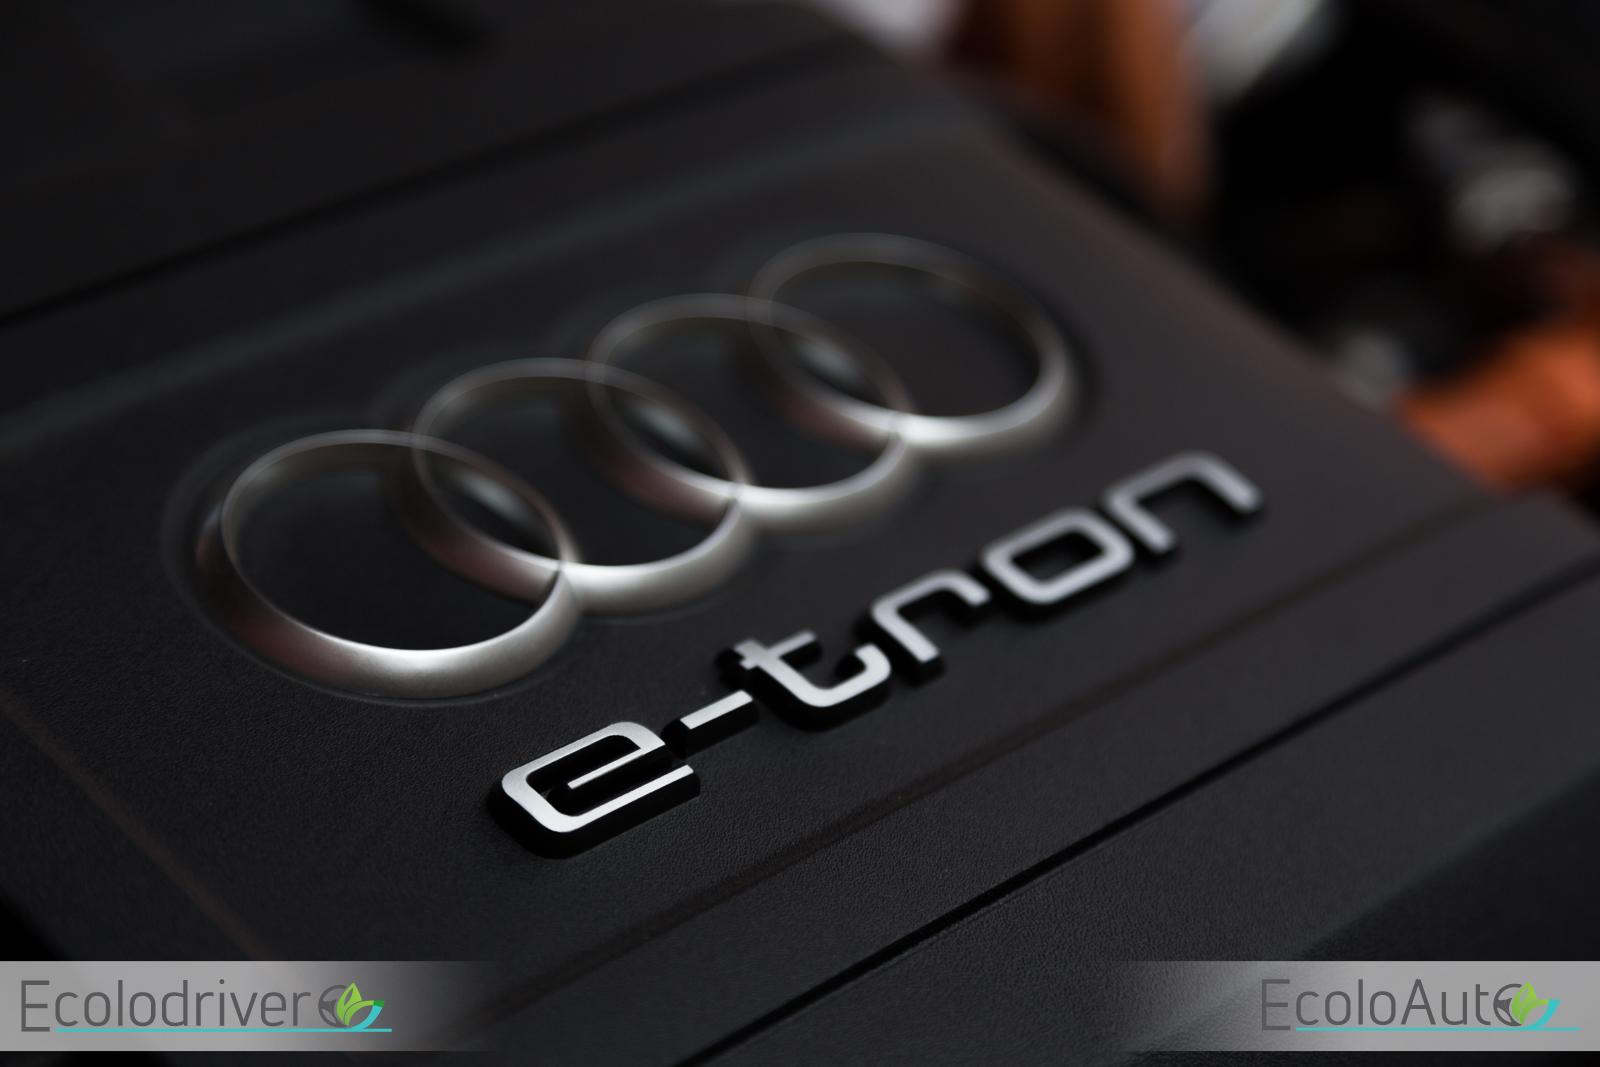 Audi_A3_e-tron_2106-37